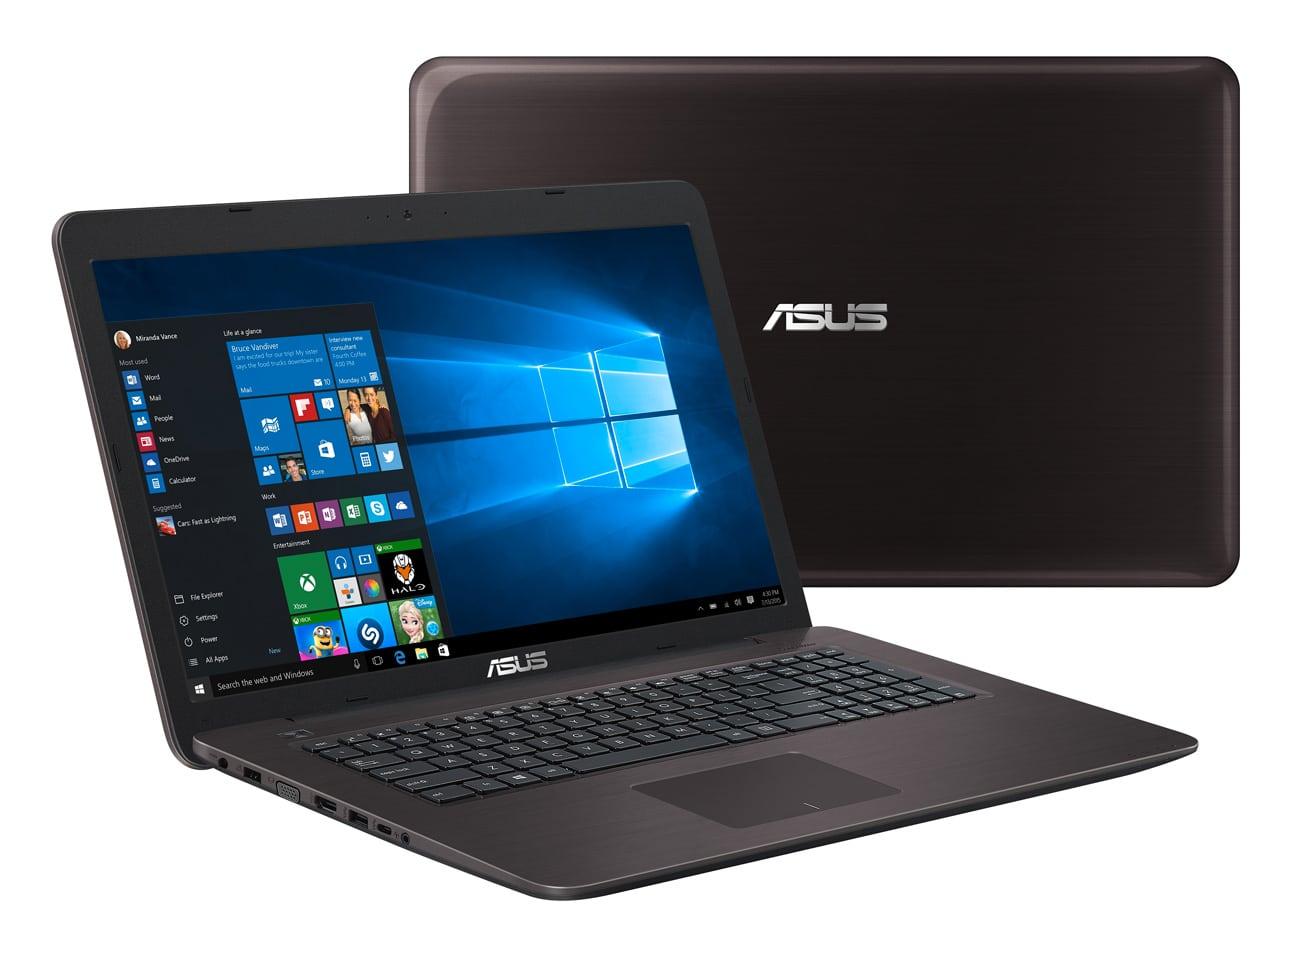 Asus X756UV-TY197T à 649 euros, PC portable 17 pouces Core i5 et 920MX marron